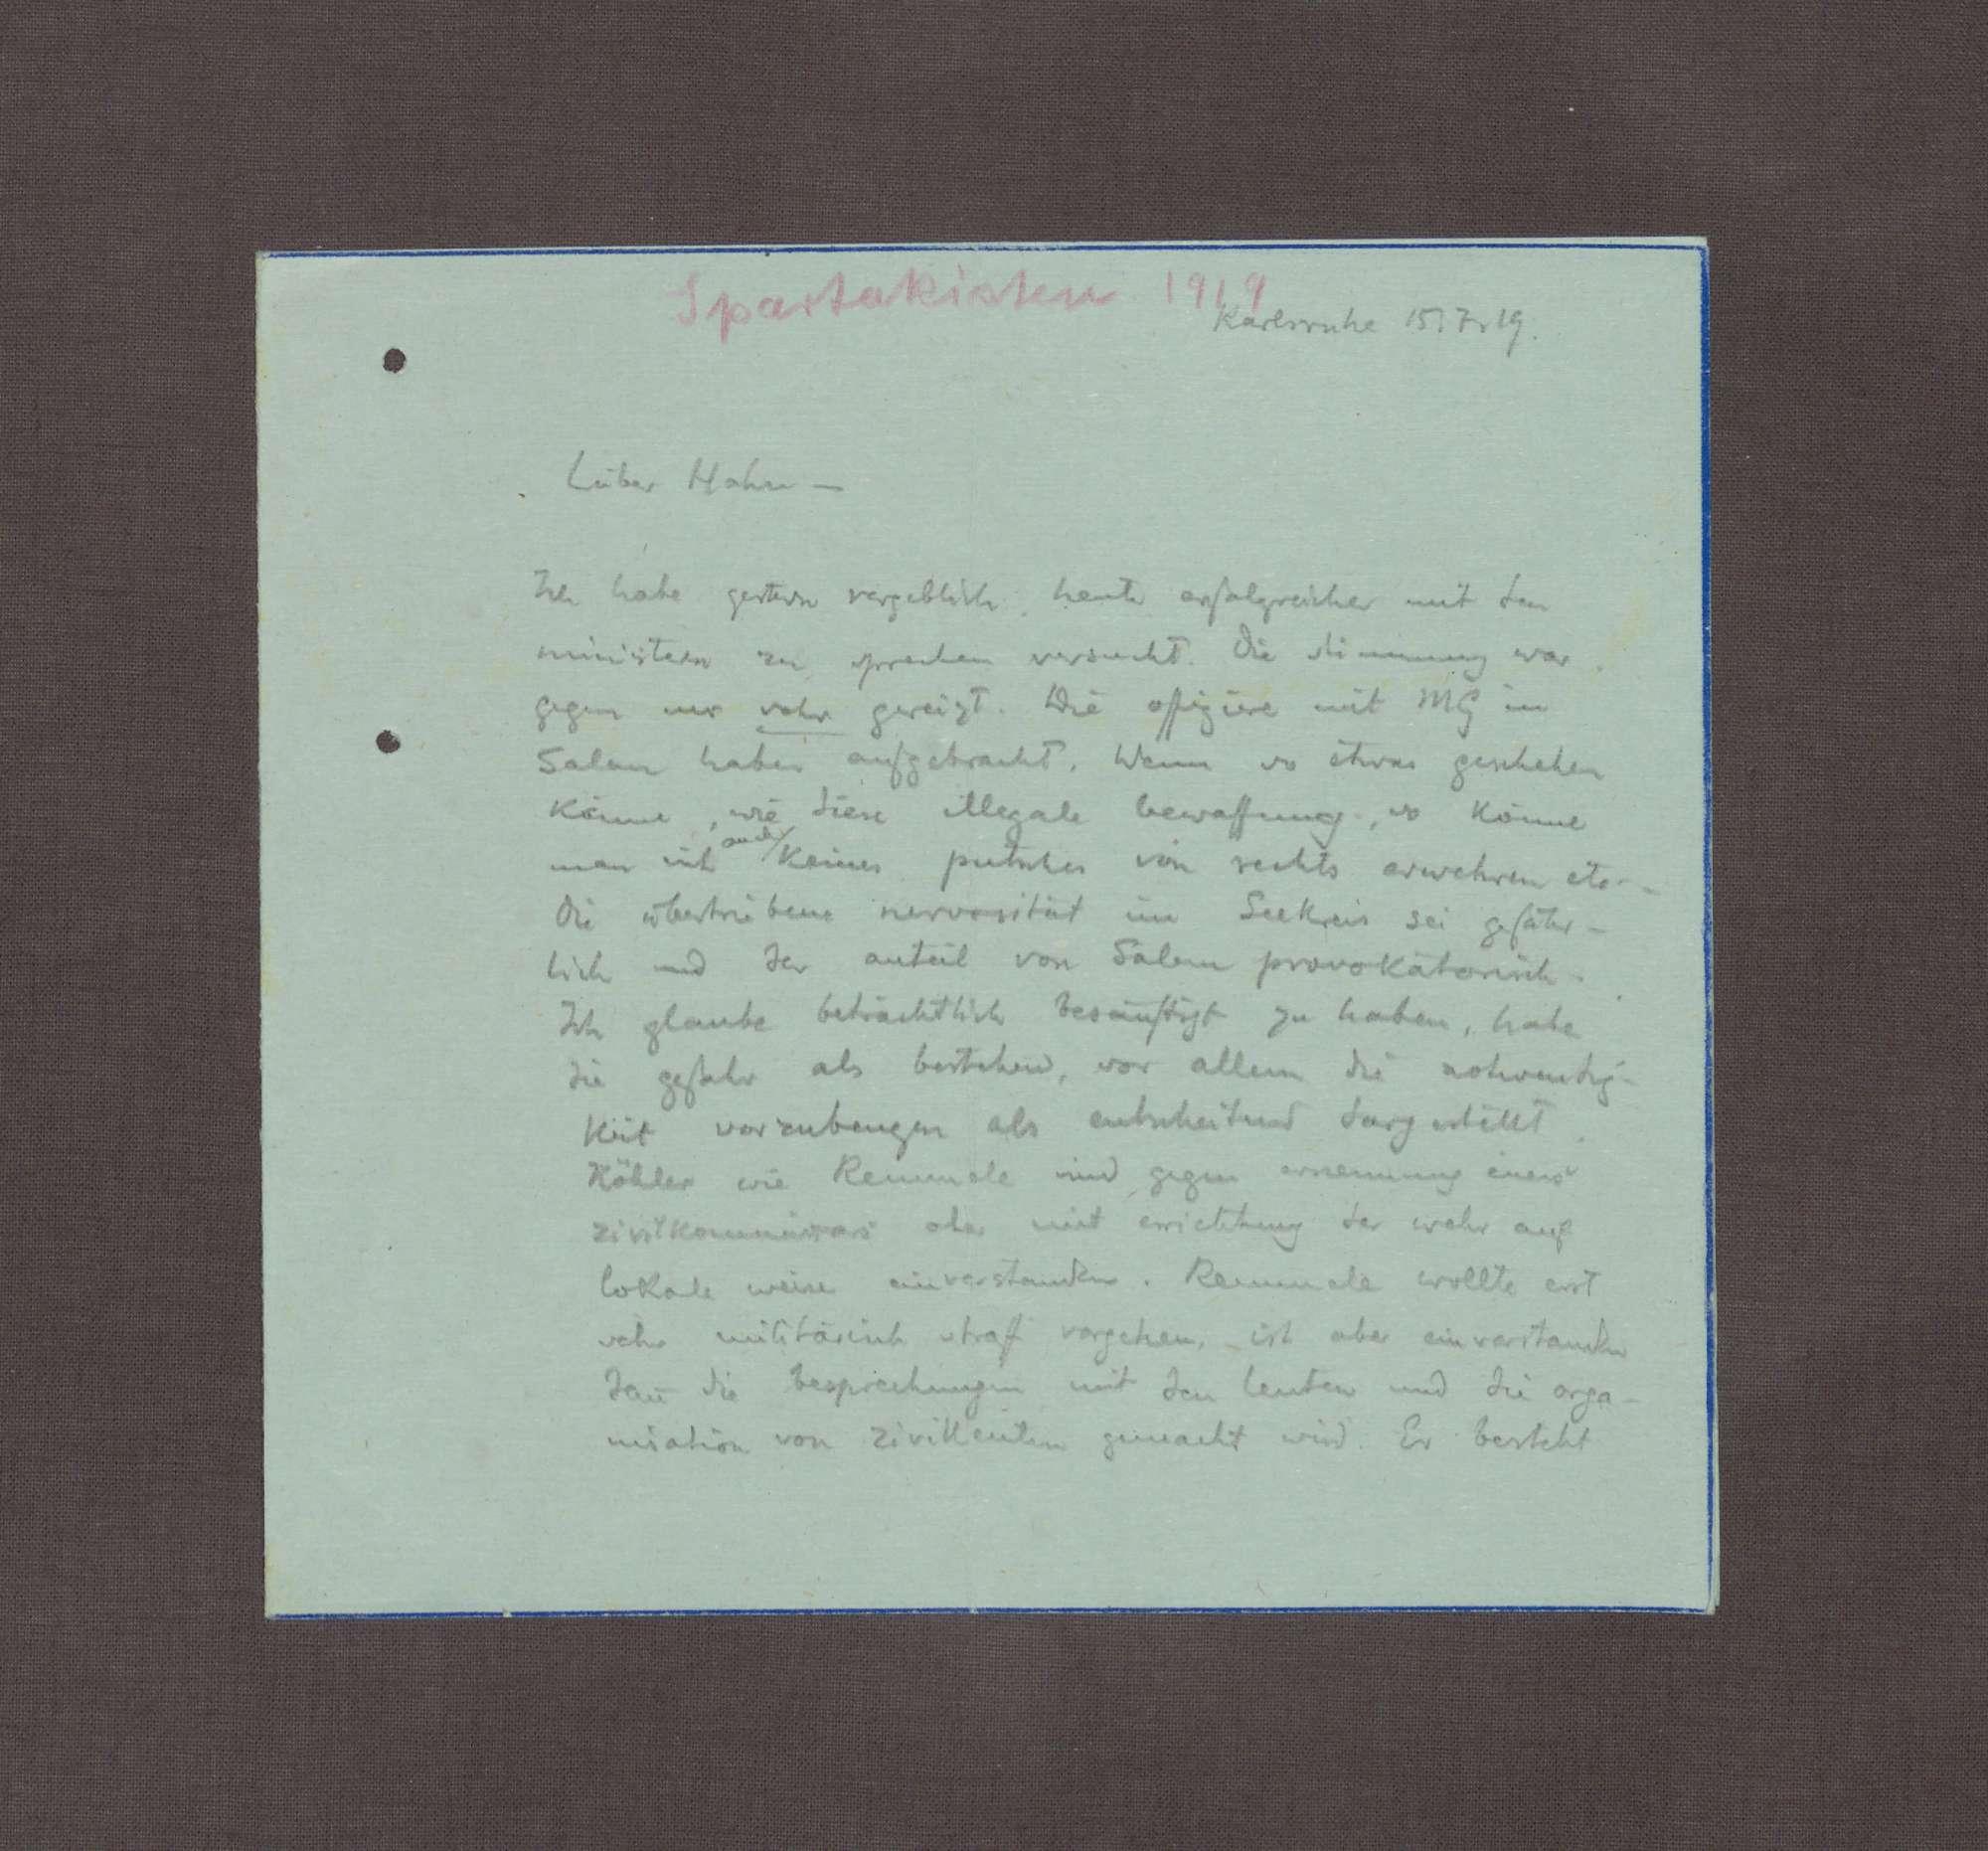 Schreiben von Ruhholtz an Kurt Hahn; Kritische Stimmung gegenüber den Maßnahmen zur Verteidigung in Salem, Bild 1